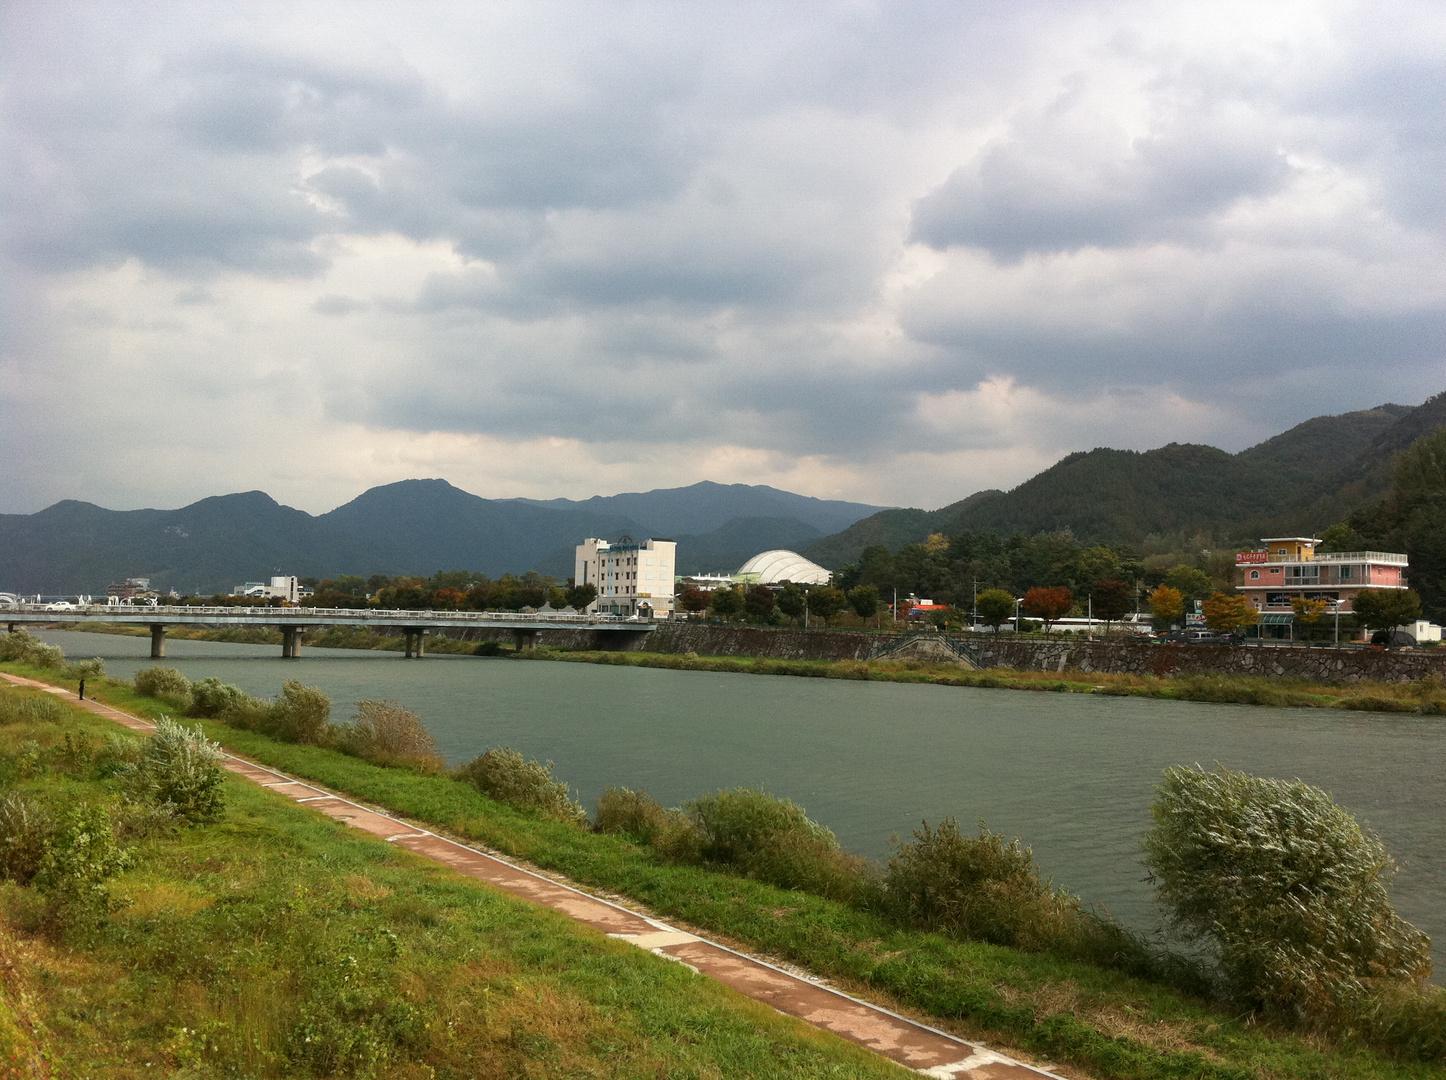 Healing Körper und Geist von Spannungen - Muju, Südlichen Hemisphäre von Südkorea.